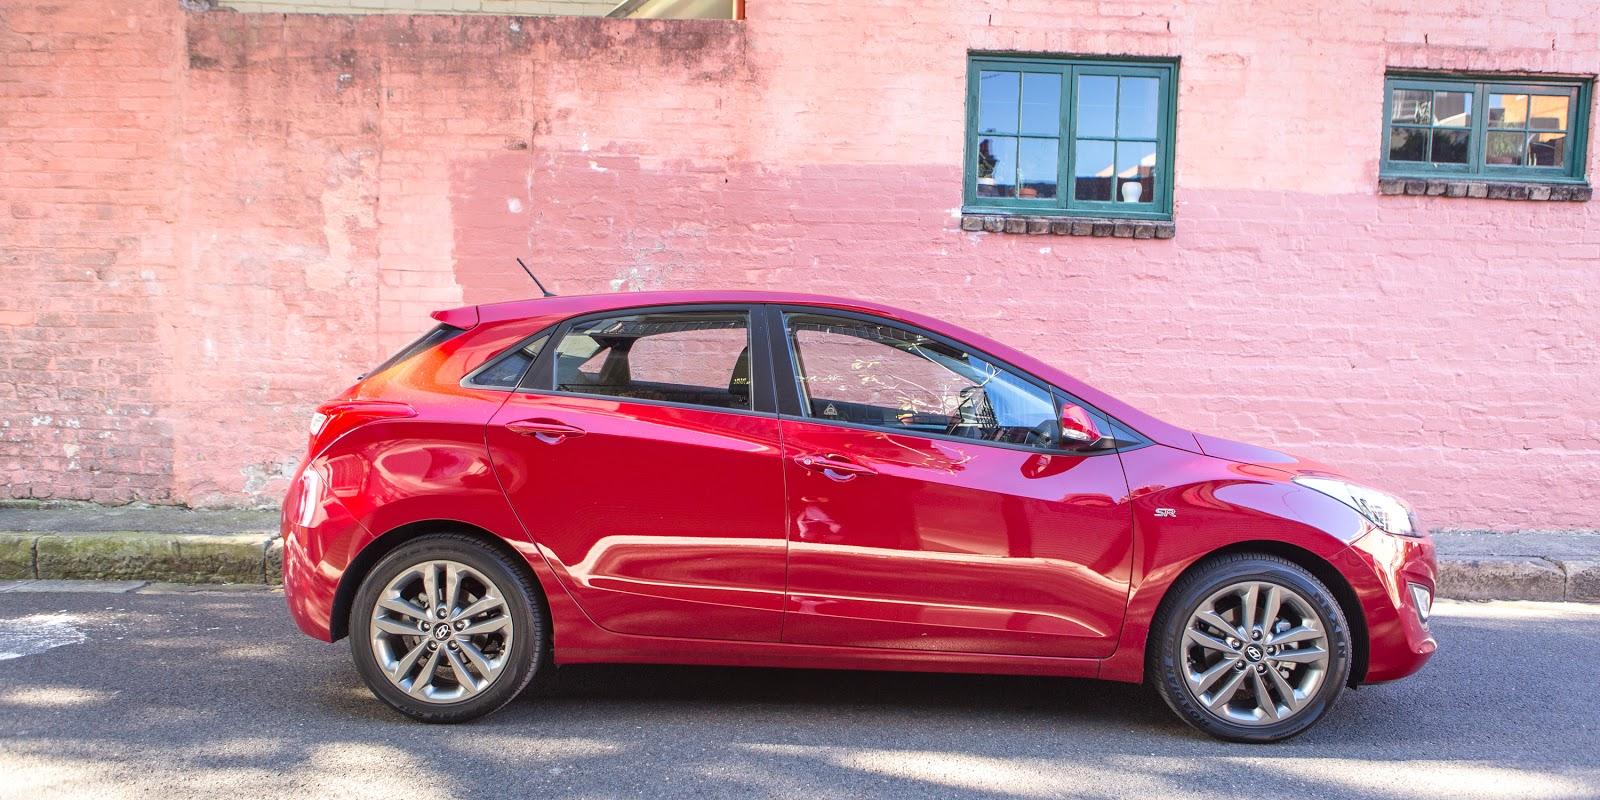 Hyundai i30 là một trong những dòng xe ăn khách nhất của Hyundai